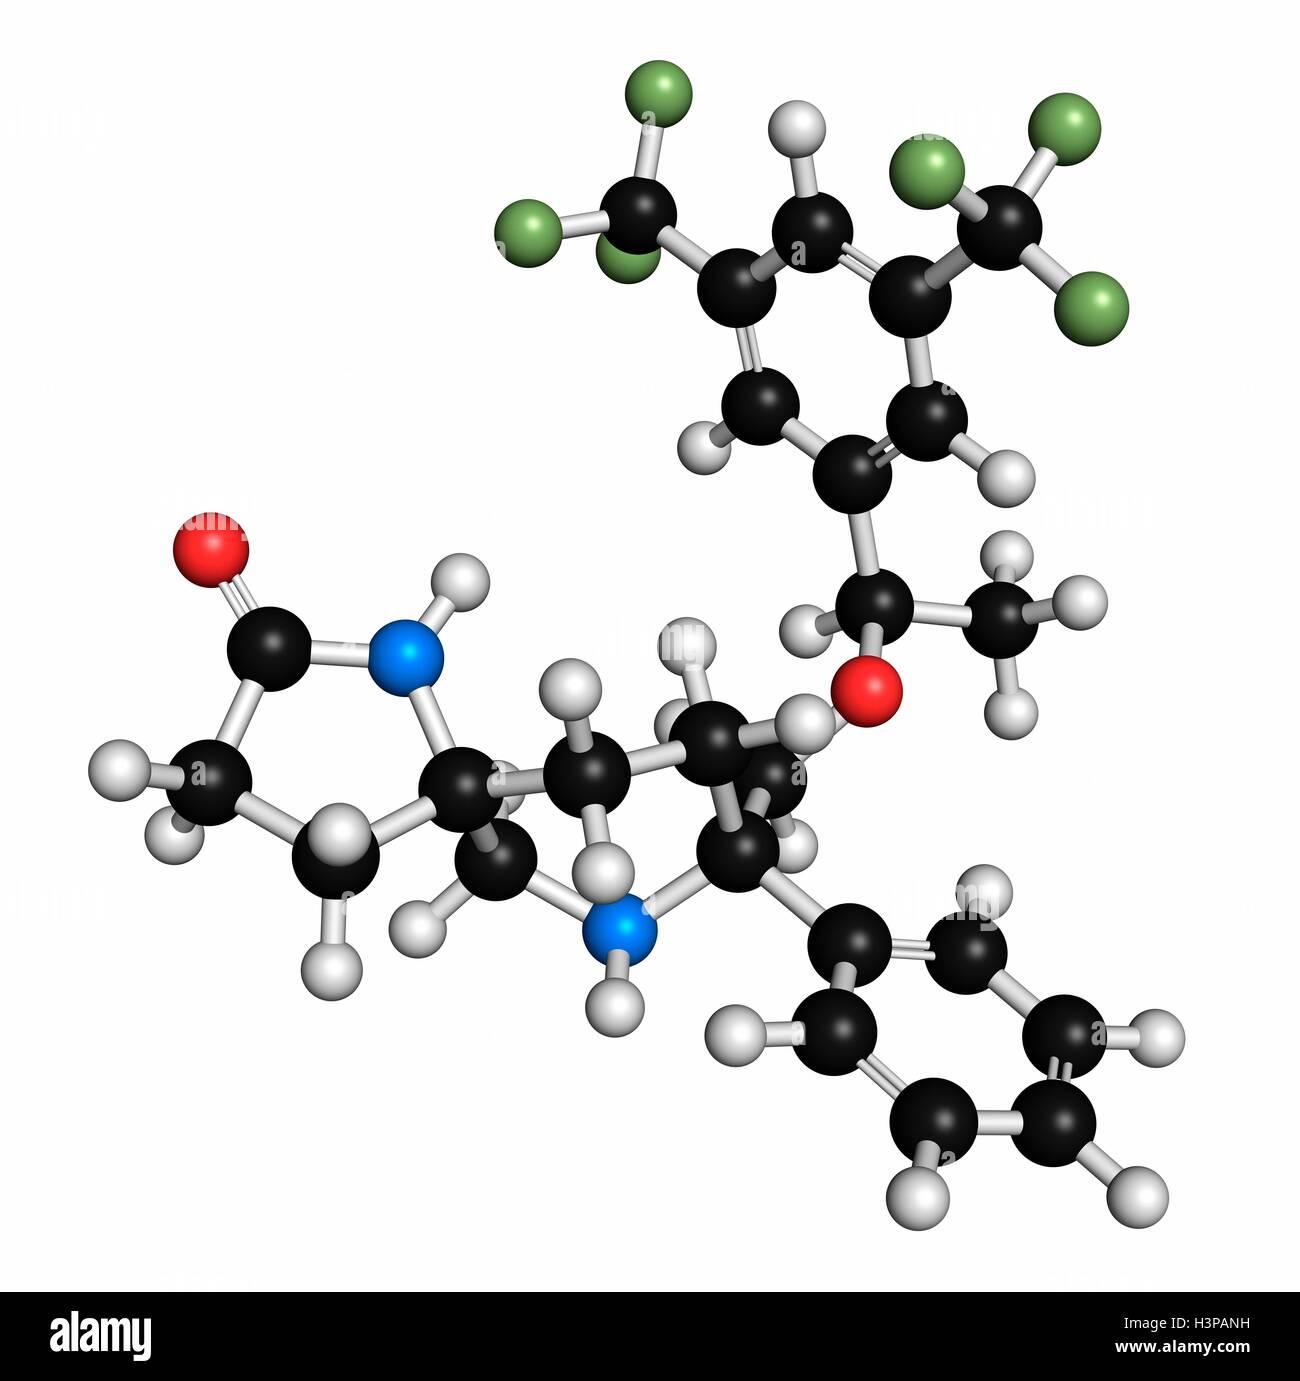 Rolapitant antiemetische Wirkstoffmolekül. Atome werden als Kugeln mit konventionellen Farbkodierung dargestellt: Stockfoto